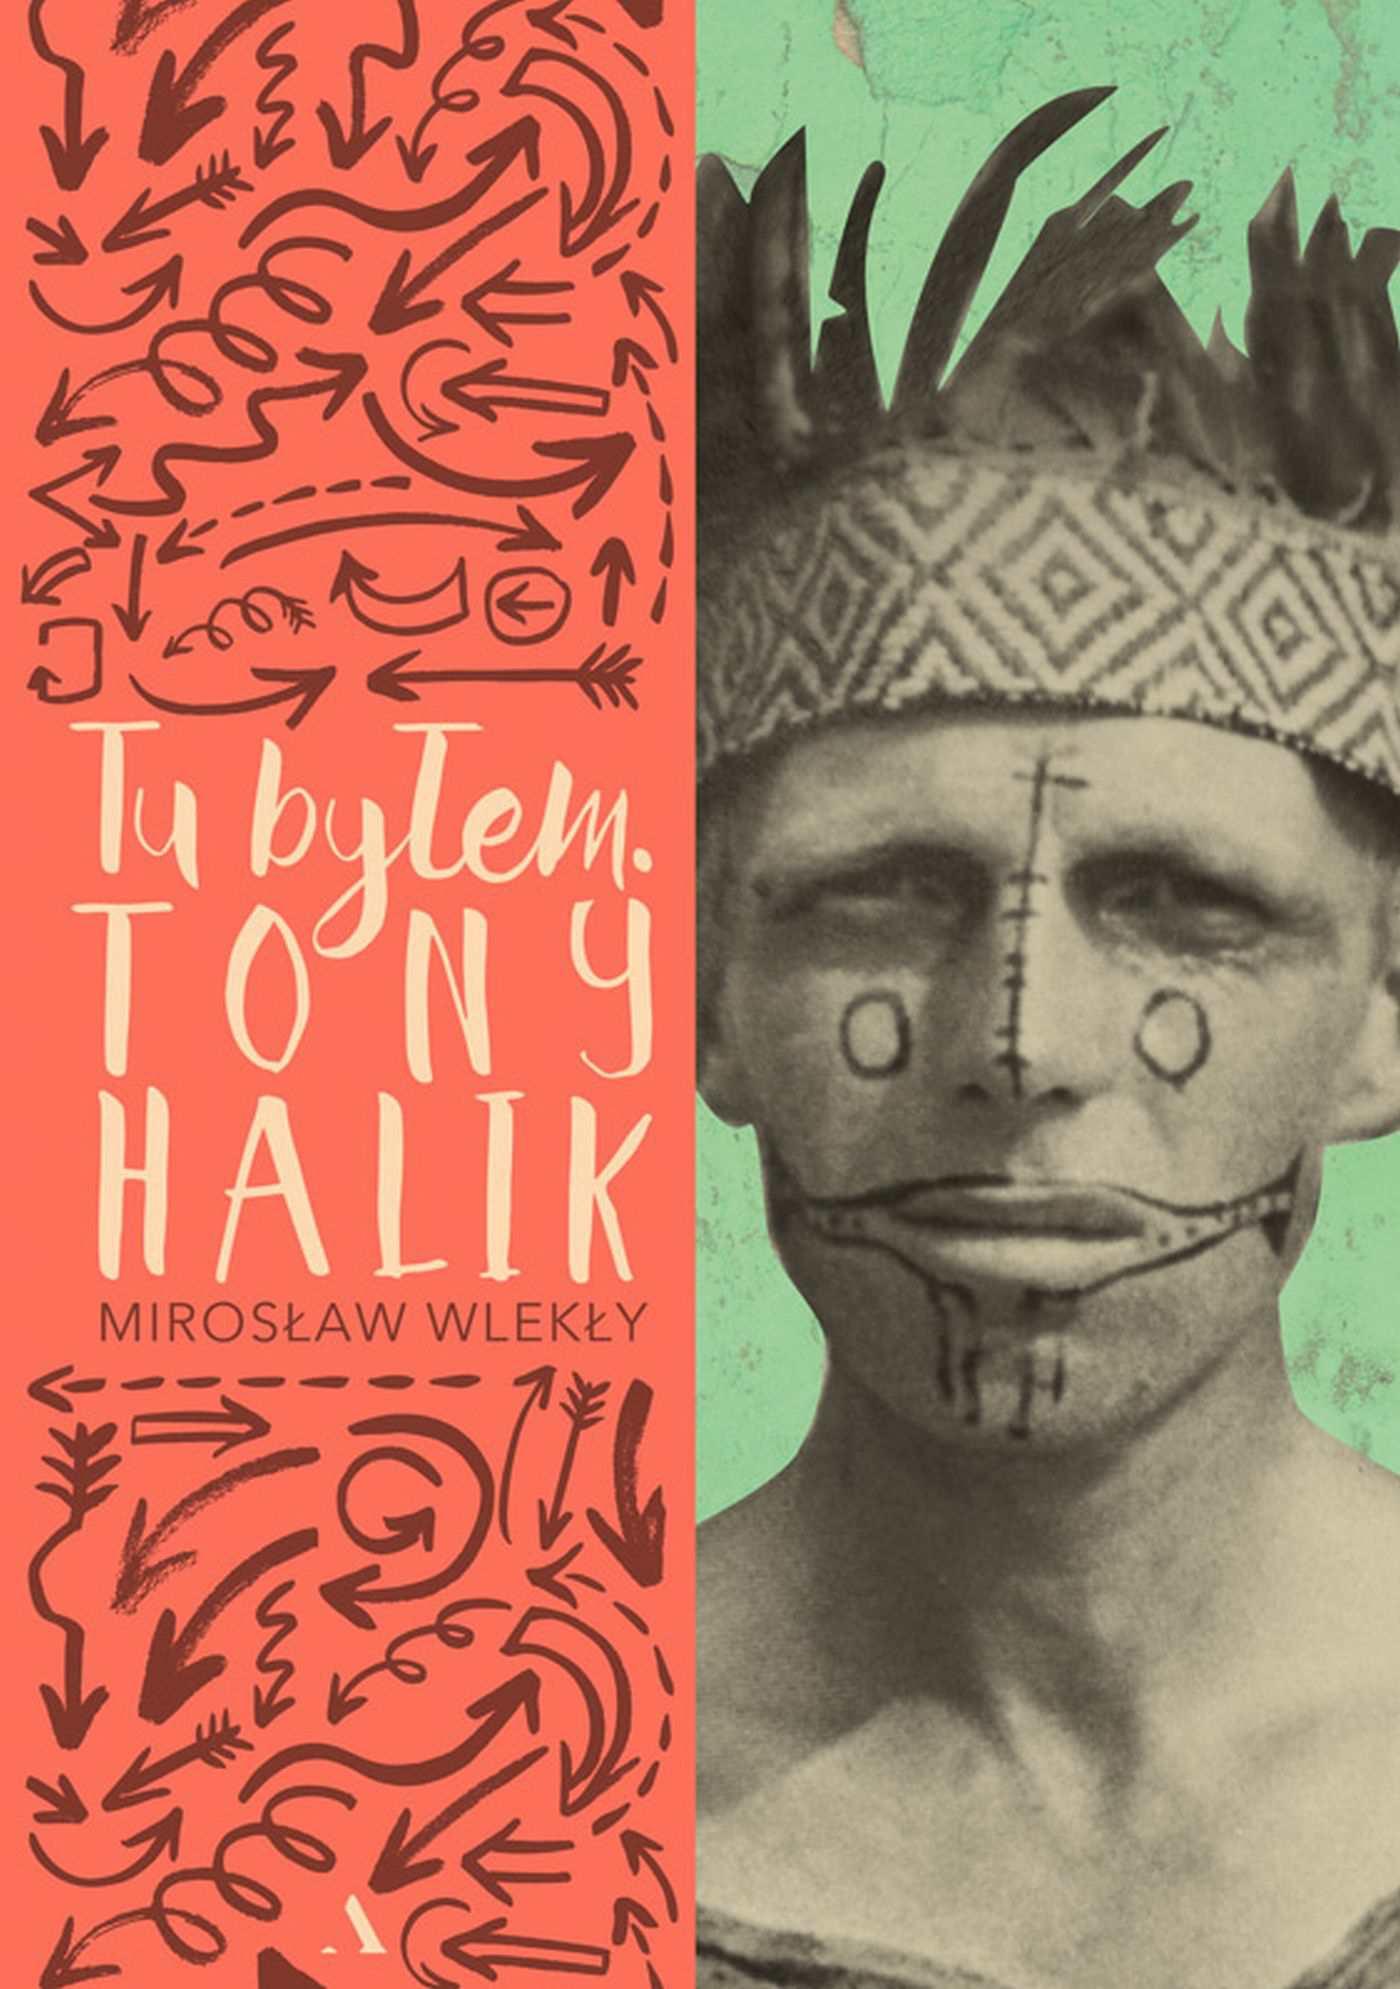 Tu byłem. Tony Halik - Ebook (Książka EPUB) do pobrania w formacie EPUB